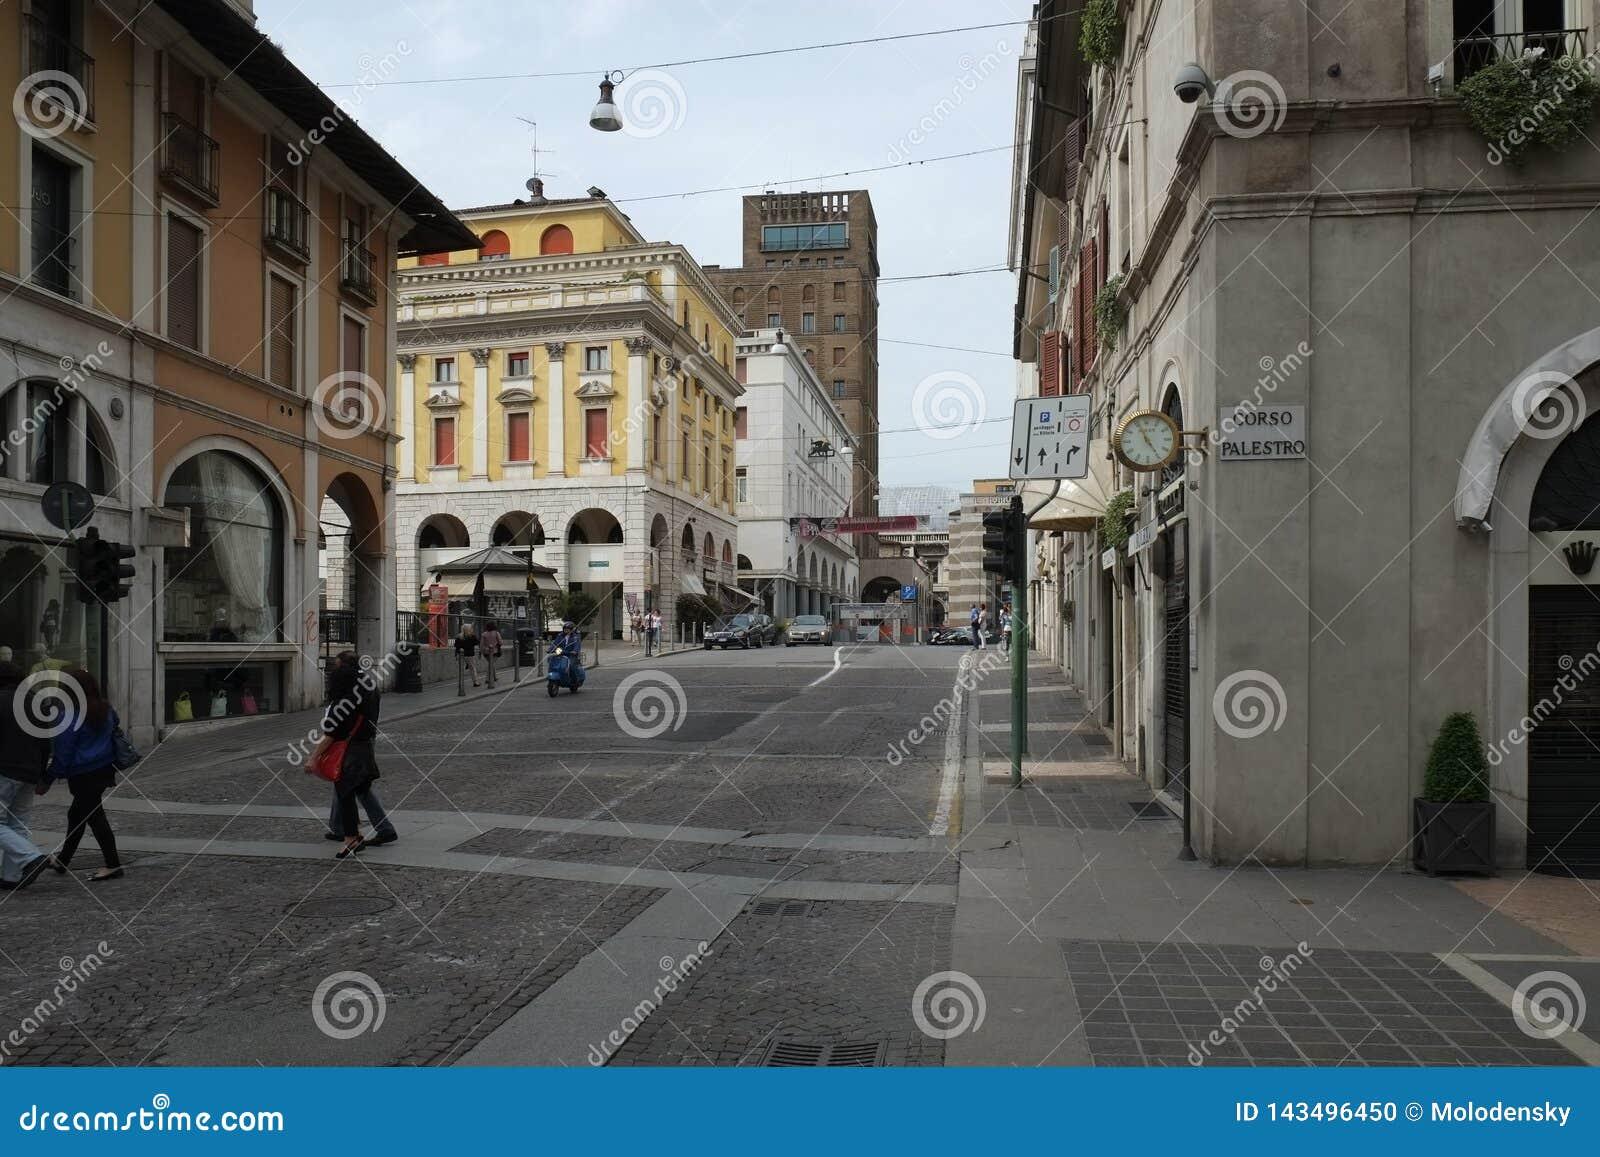 Μια οδός στο κέντρο πόλεων του Brescia με τα μικρούς καταστήματα και τον καφέ